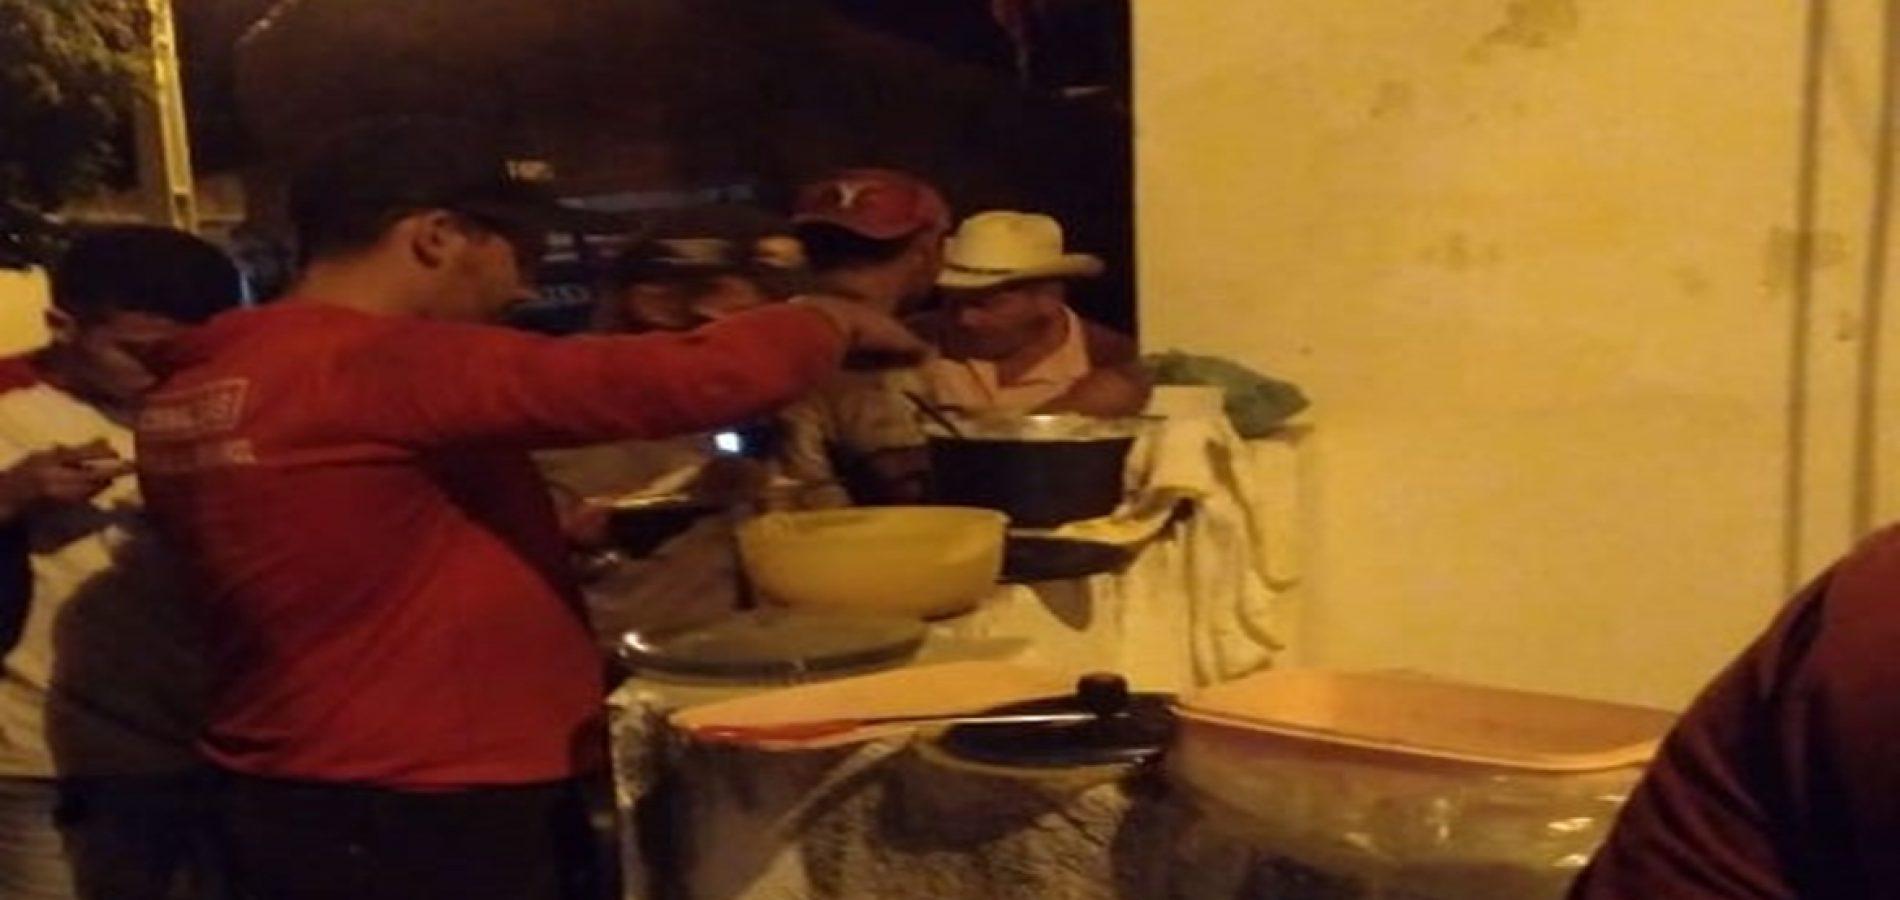 Em ação solidária, professora oferta jantar para caminhoneiros em Pio IX